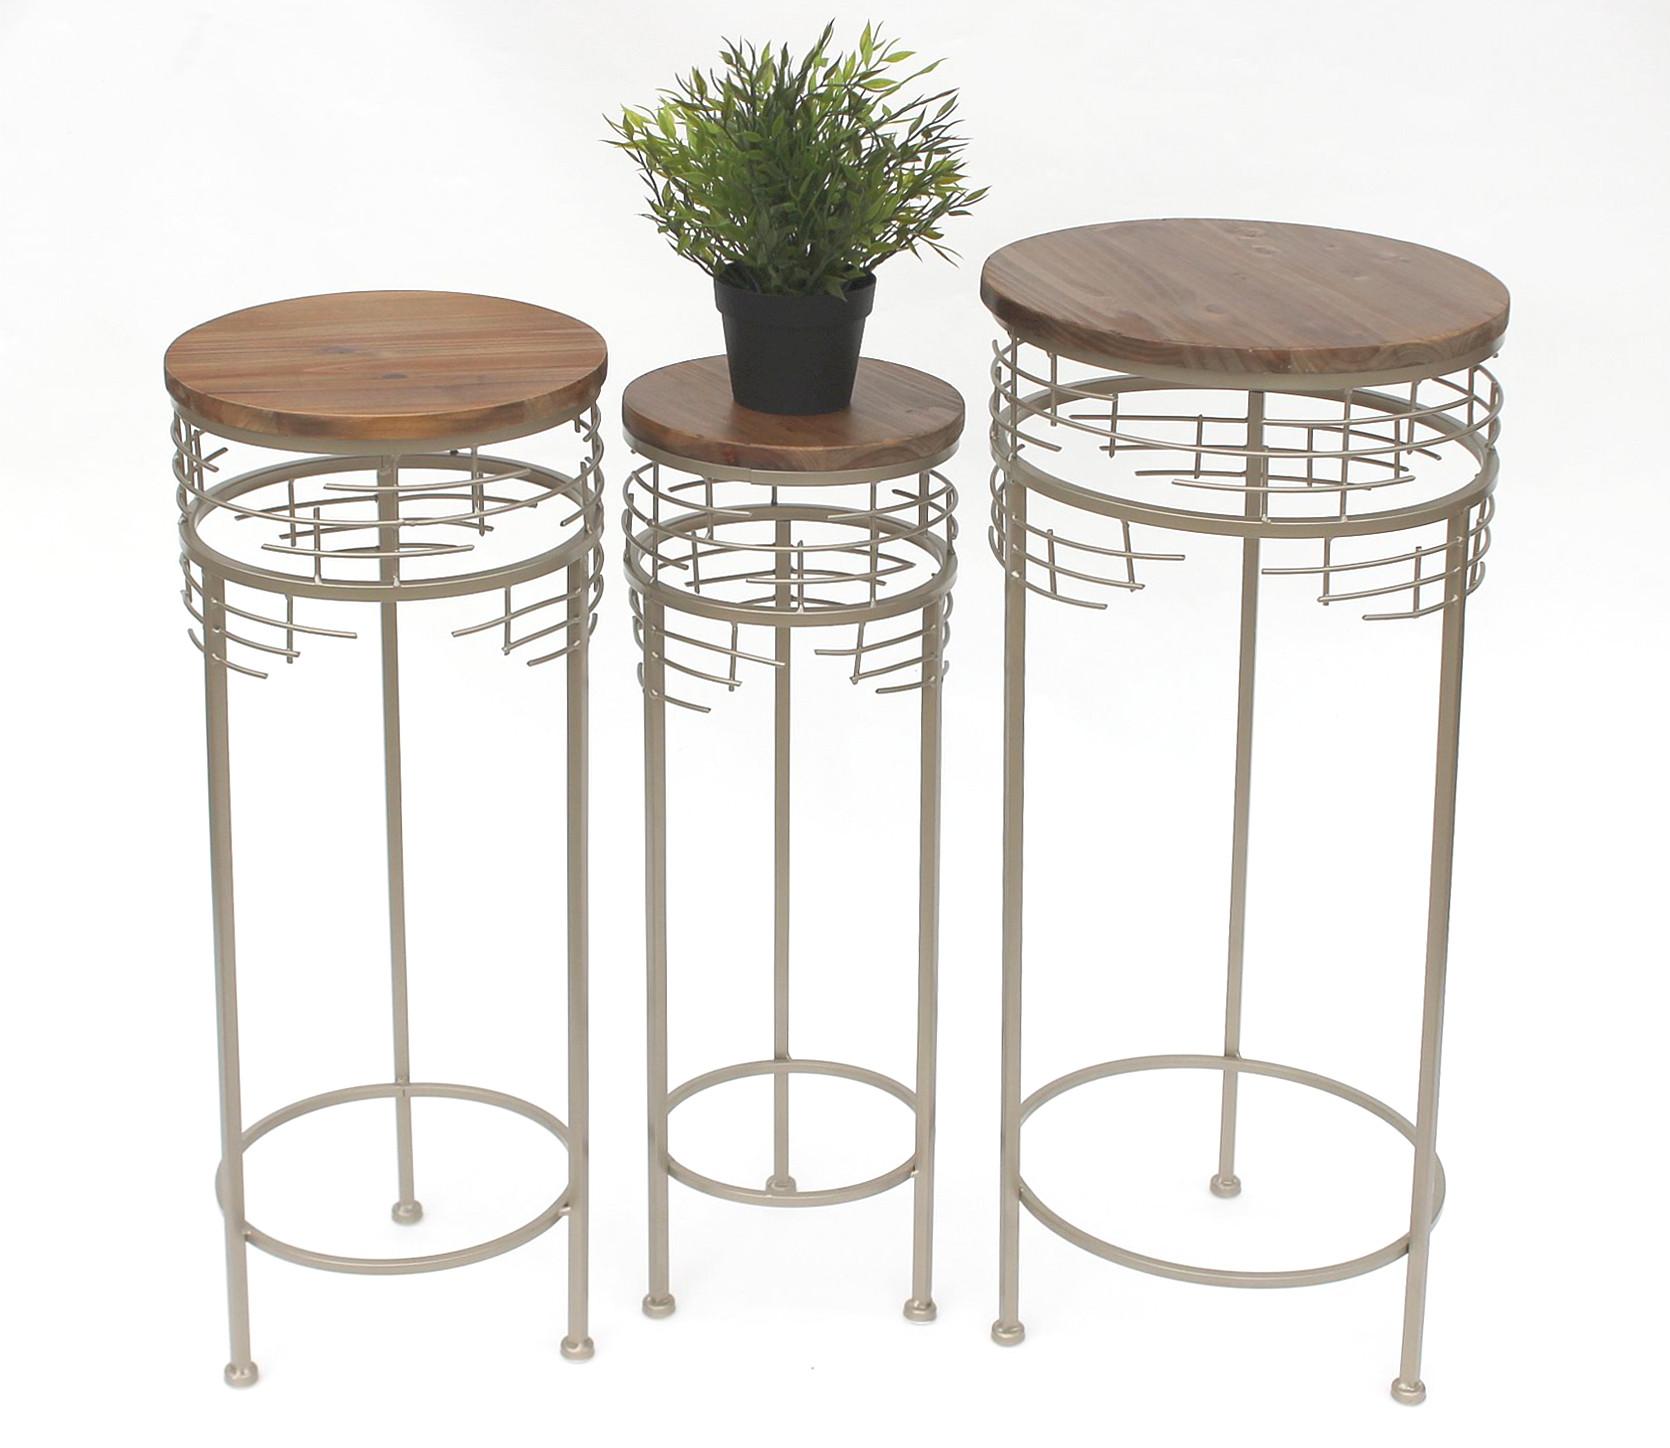 blumenhocker metall 21288 3er set blumenst nder rund beistelltisch modern dandibo ambiente. Black Bedroom Furniture Sets. Home Design Ideas